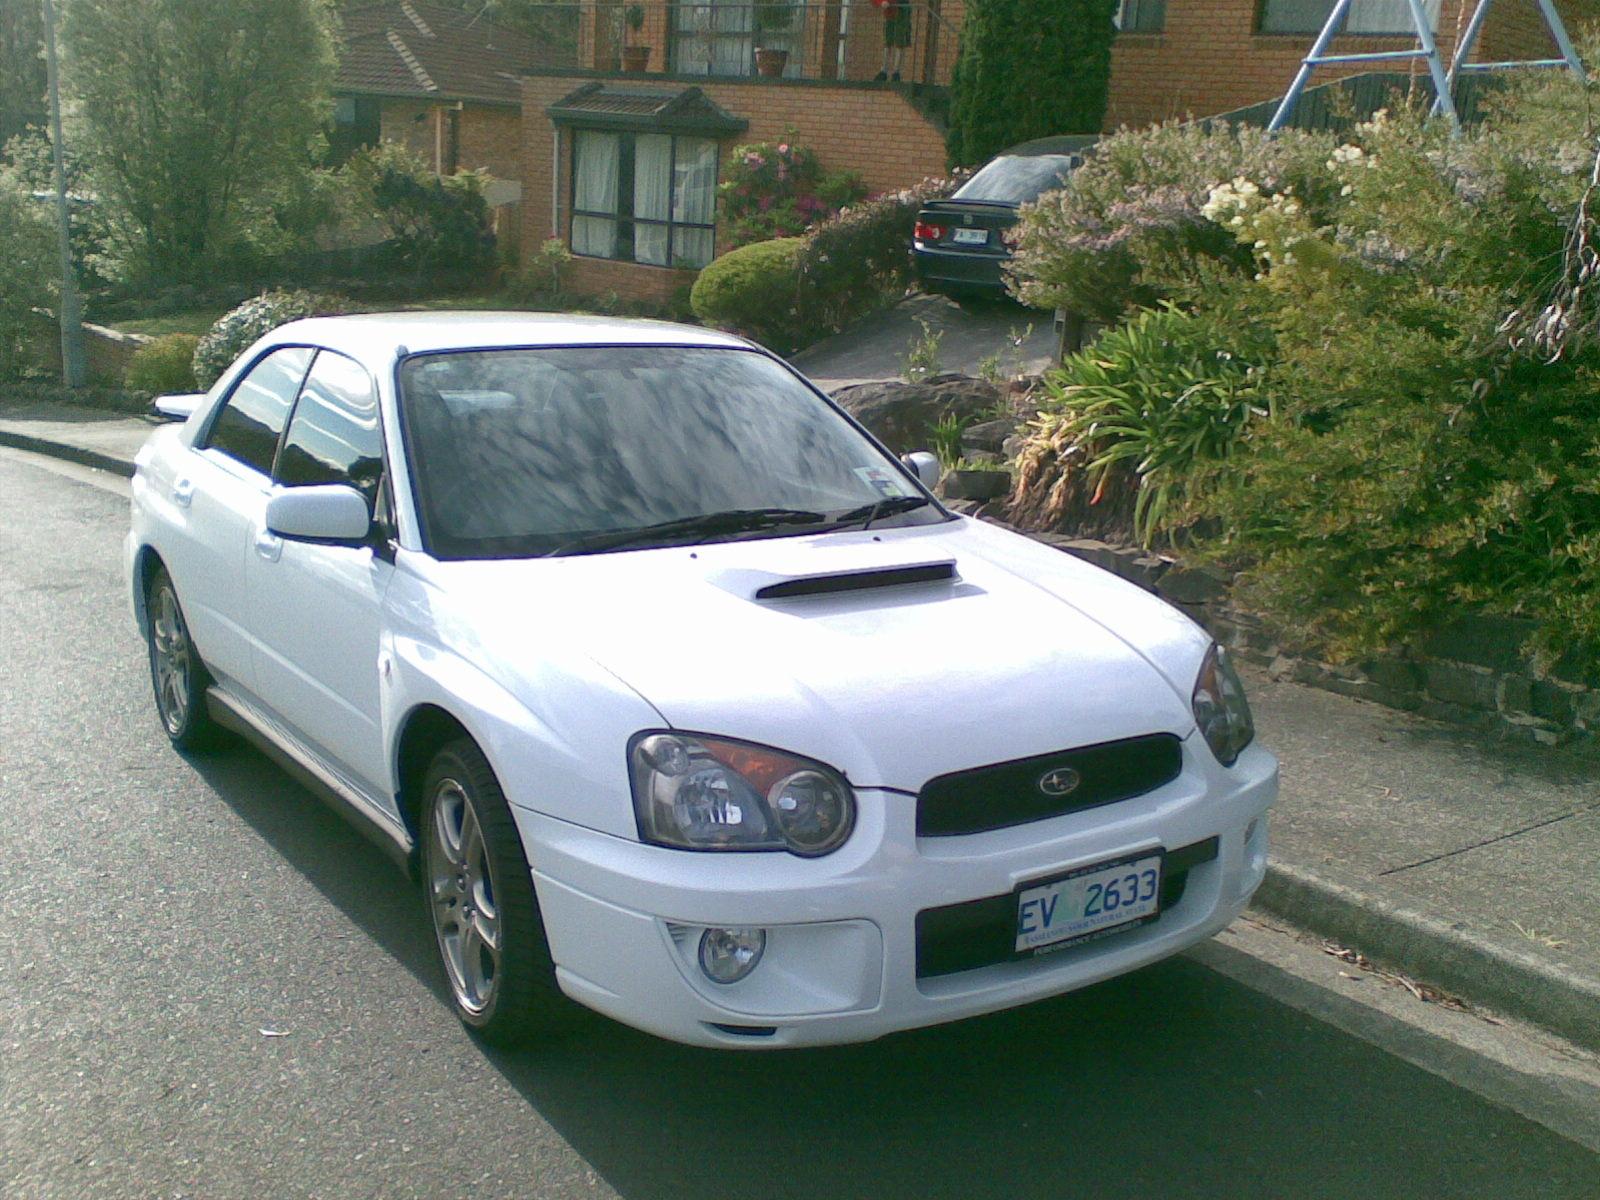 2004 Subaru Impreza Overview CarGurus